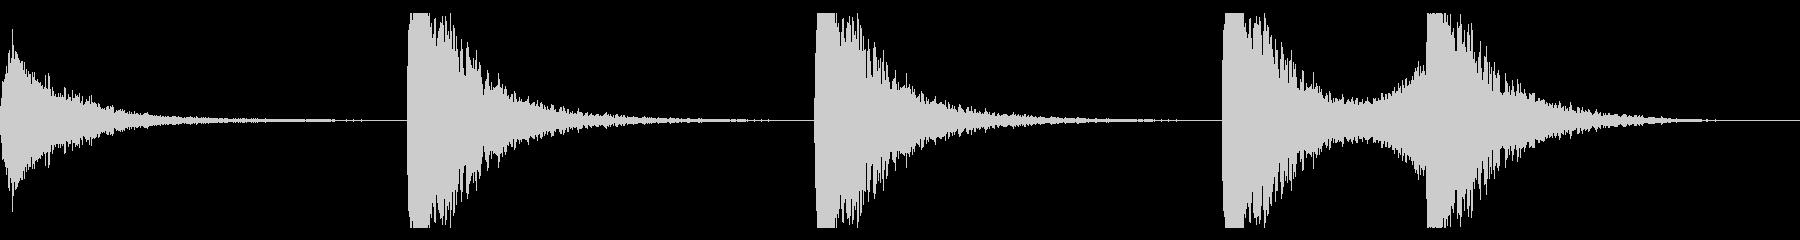 音楽、ベインステム、メタルスクレイ...の未再生の波形